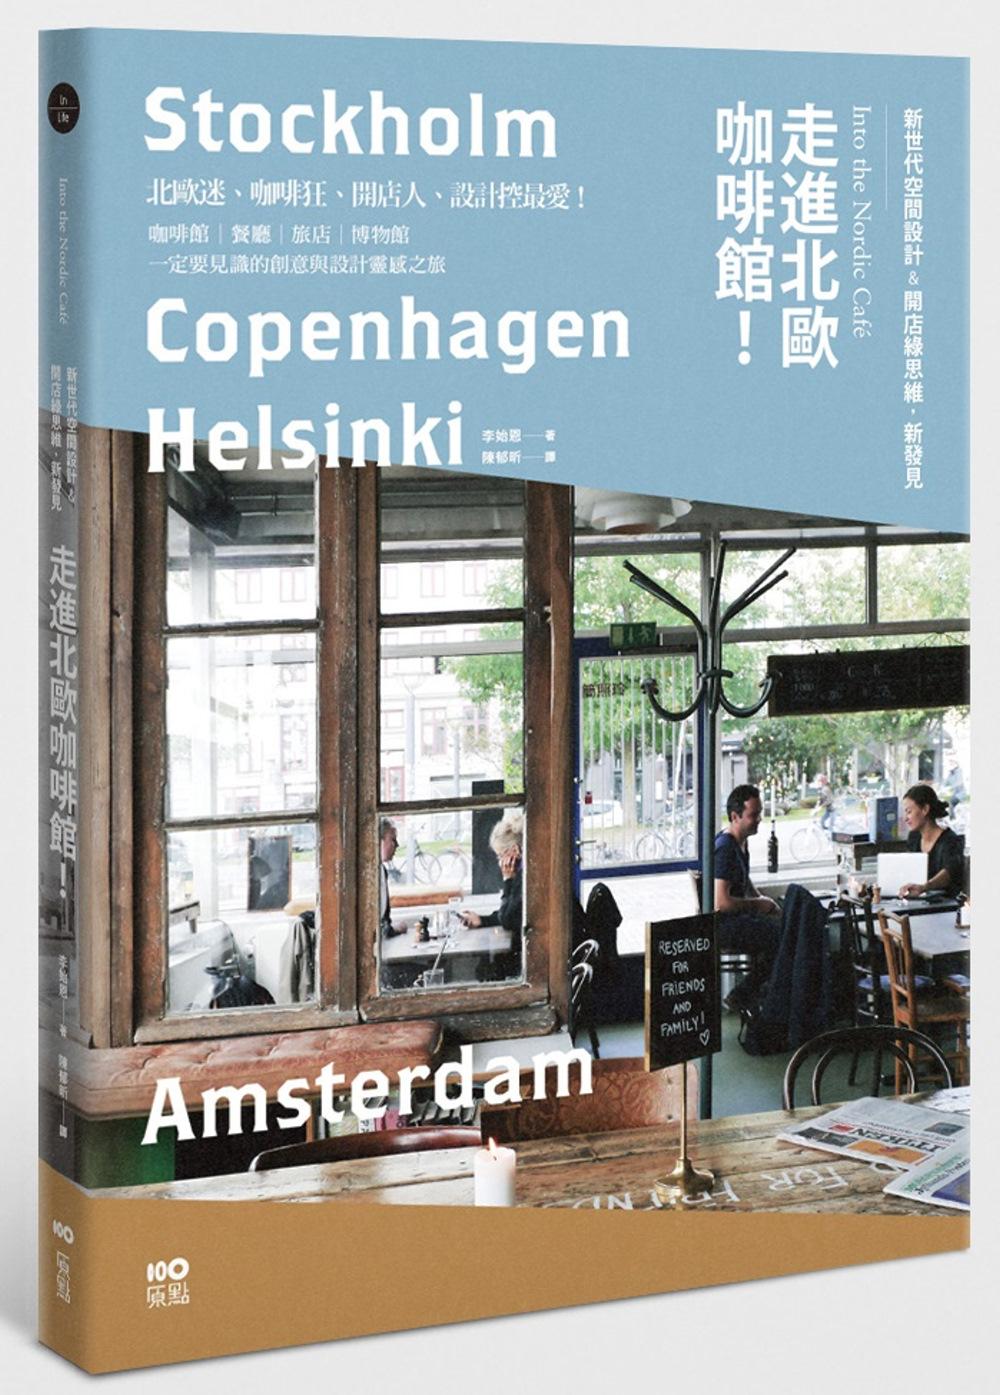 走進北歐咖啡館:從咖啡館到餐廳、旅店,見識新世代的空間新設計&開店綠思維